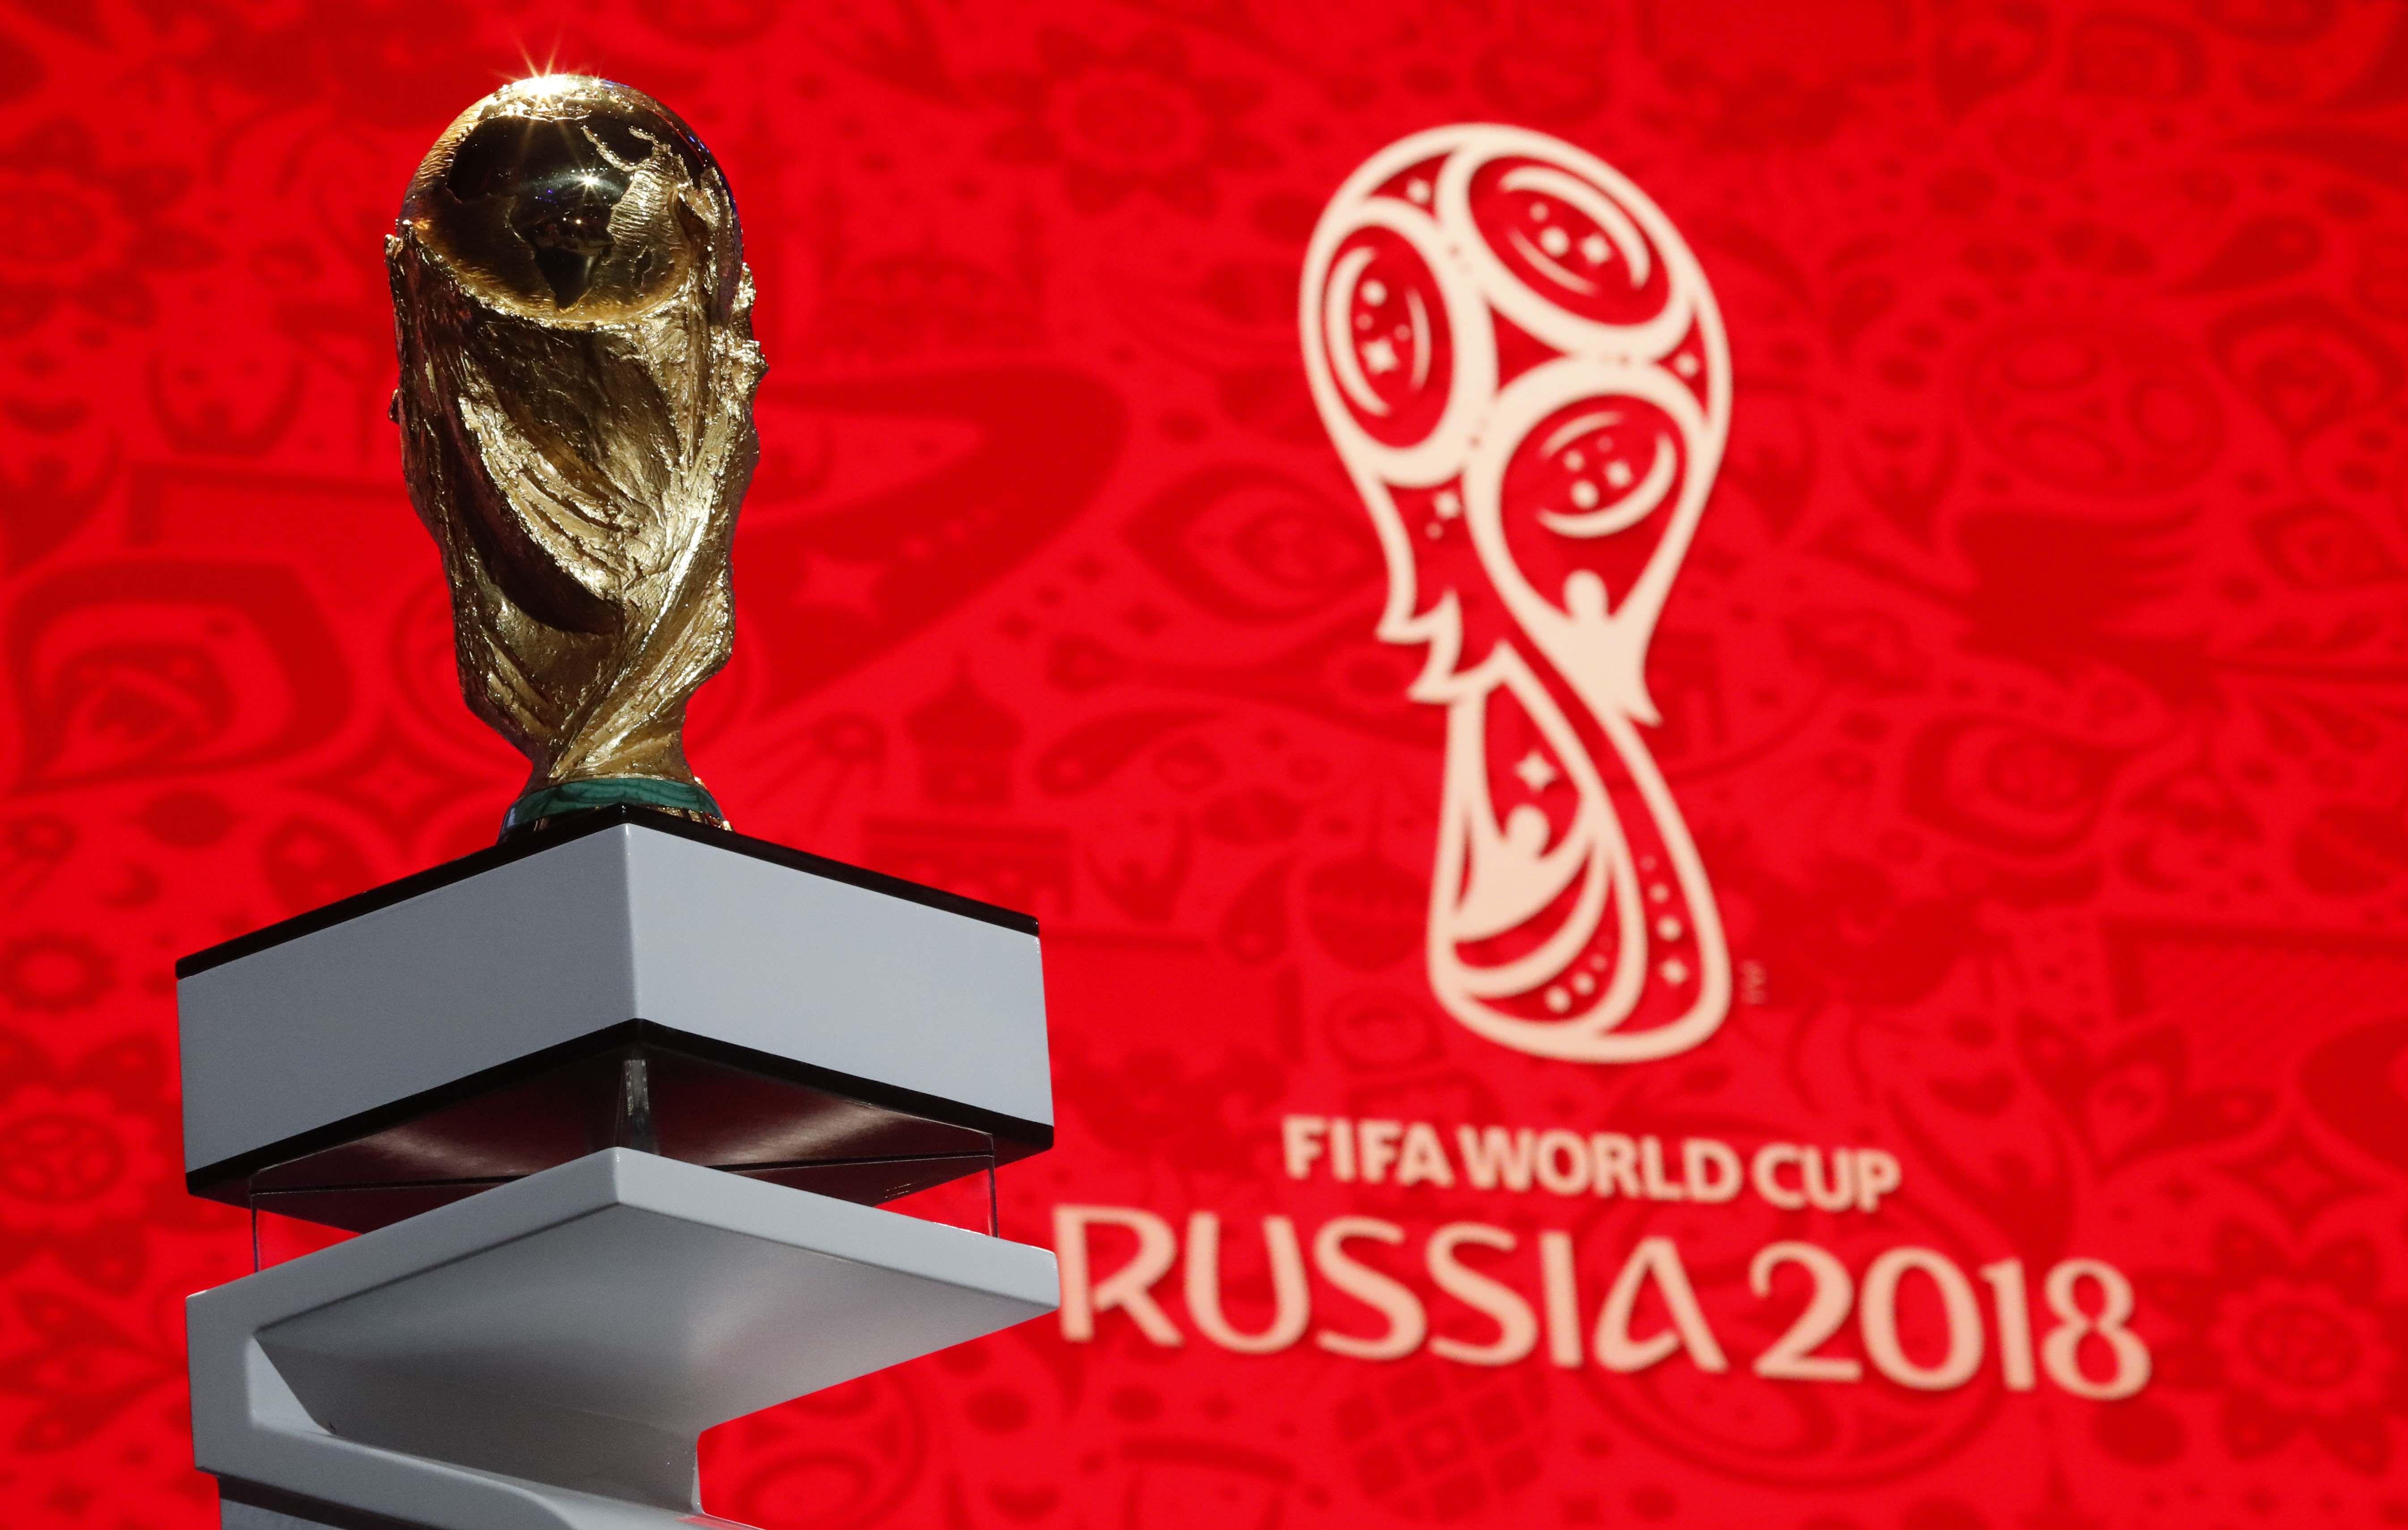 Coupe du monde 2018 comment suivre le tirage au sort - Tirage au sort coupe de france de football ...